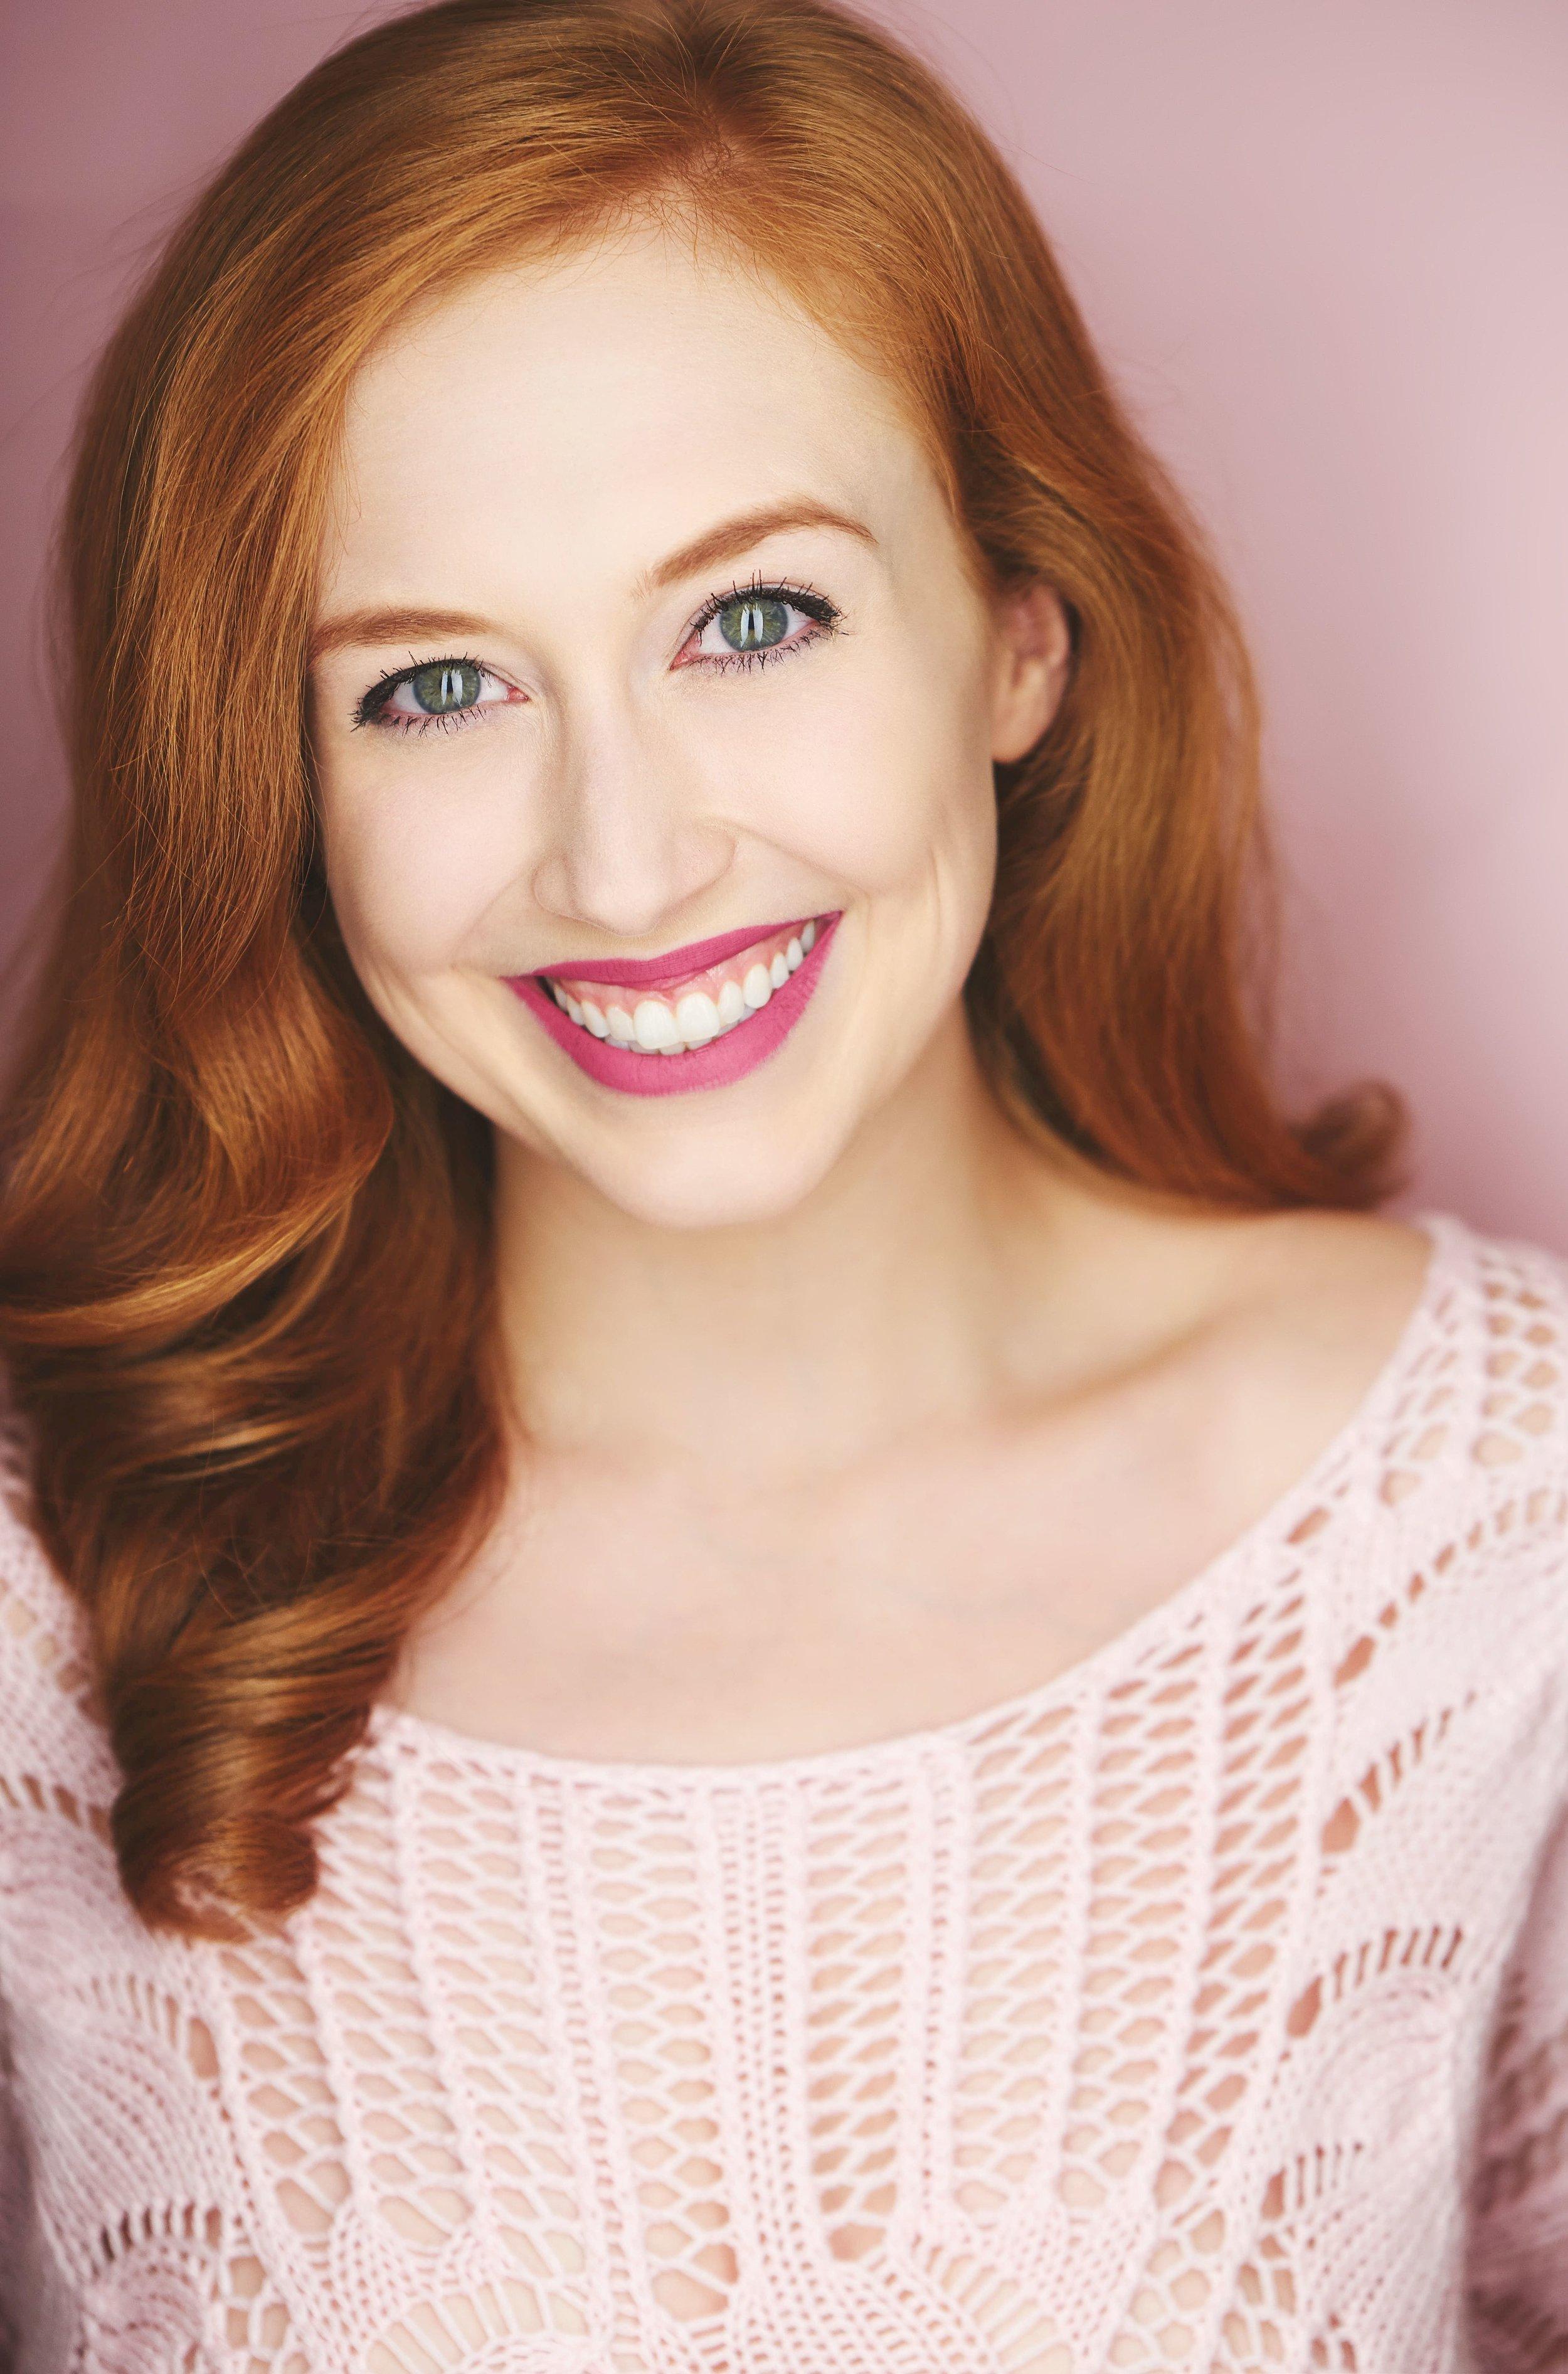 Hannah Fairman